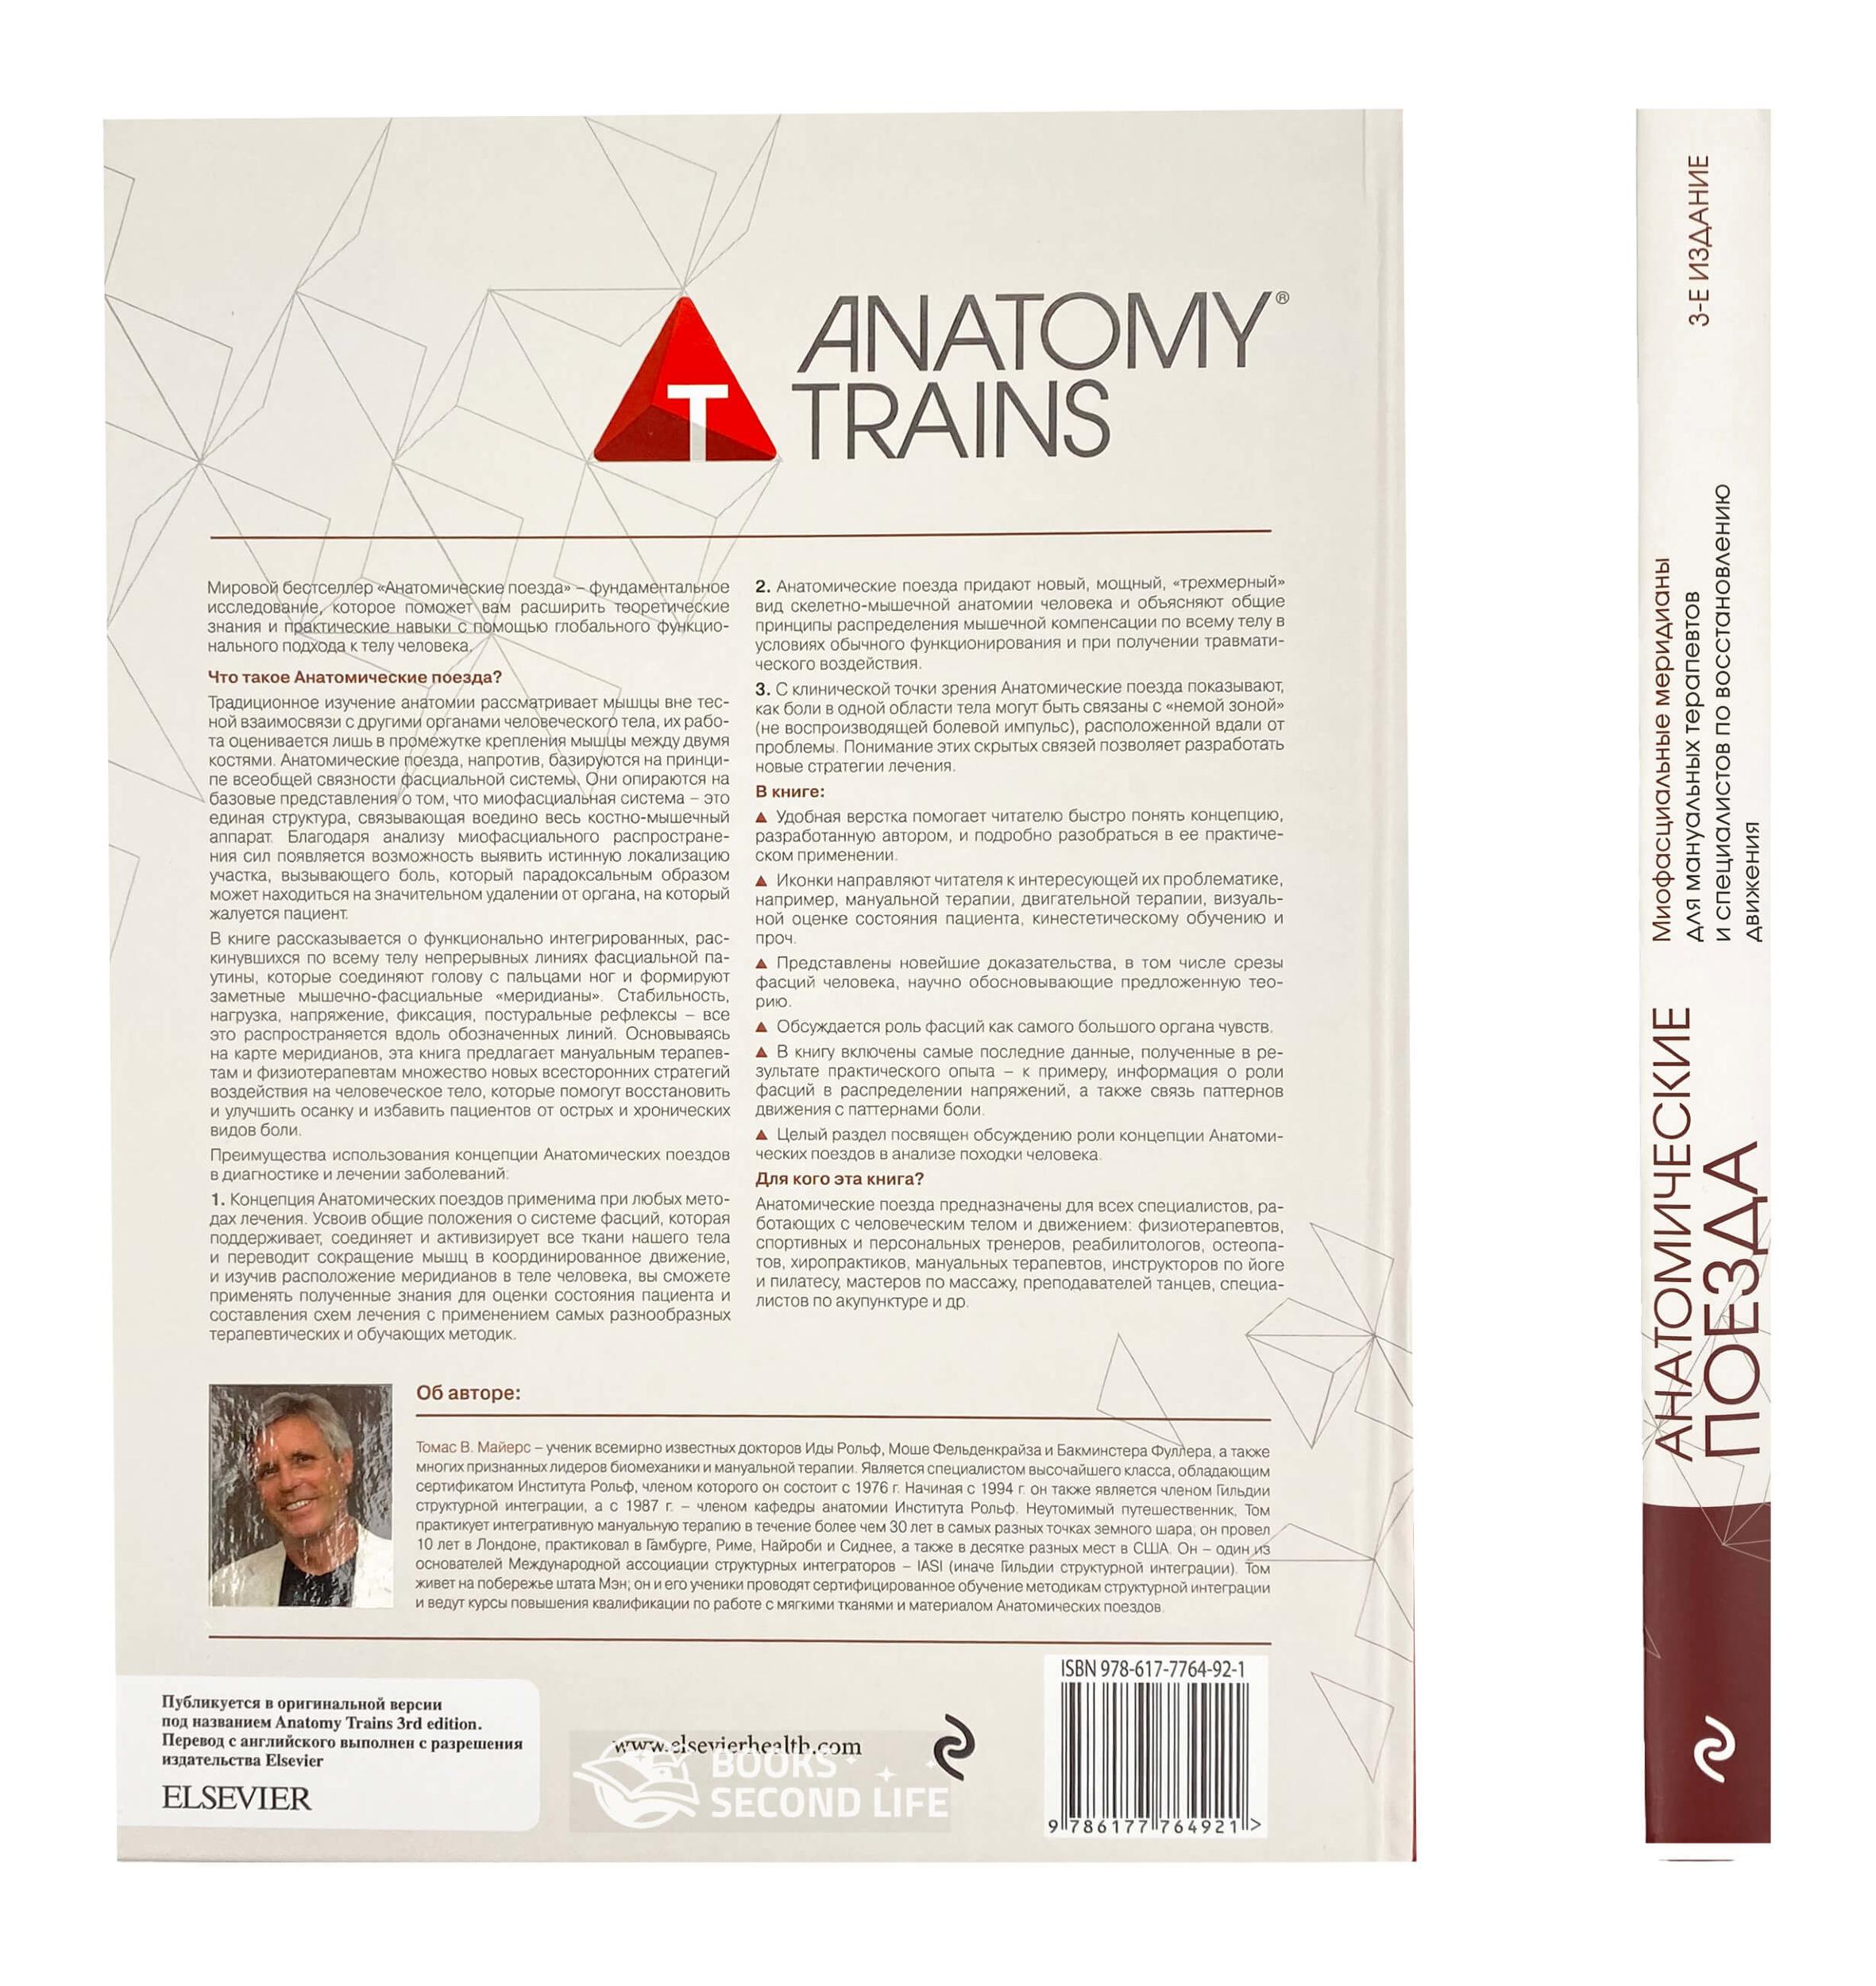 Анатомические поезда. 3-е издание. Автор — Томас В. Майерс. Переплет —